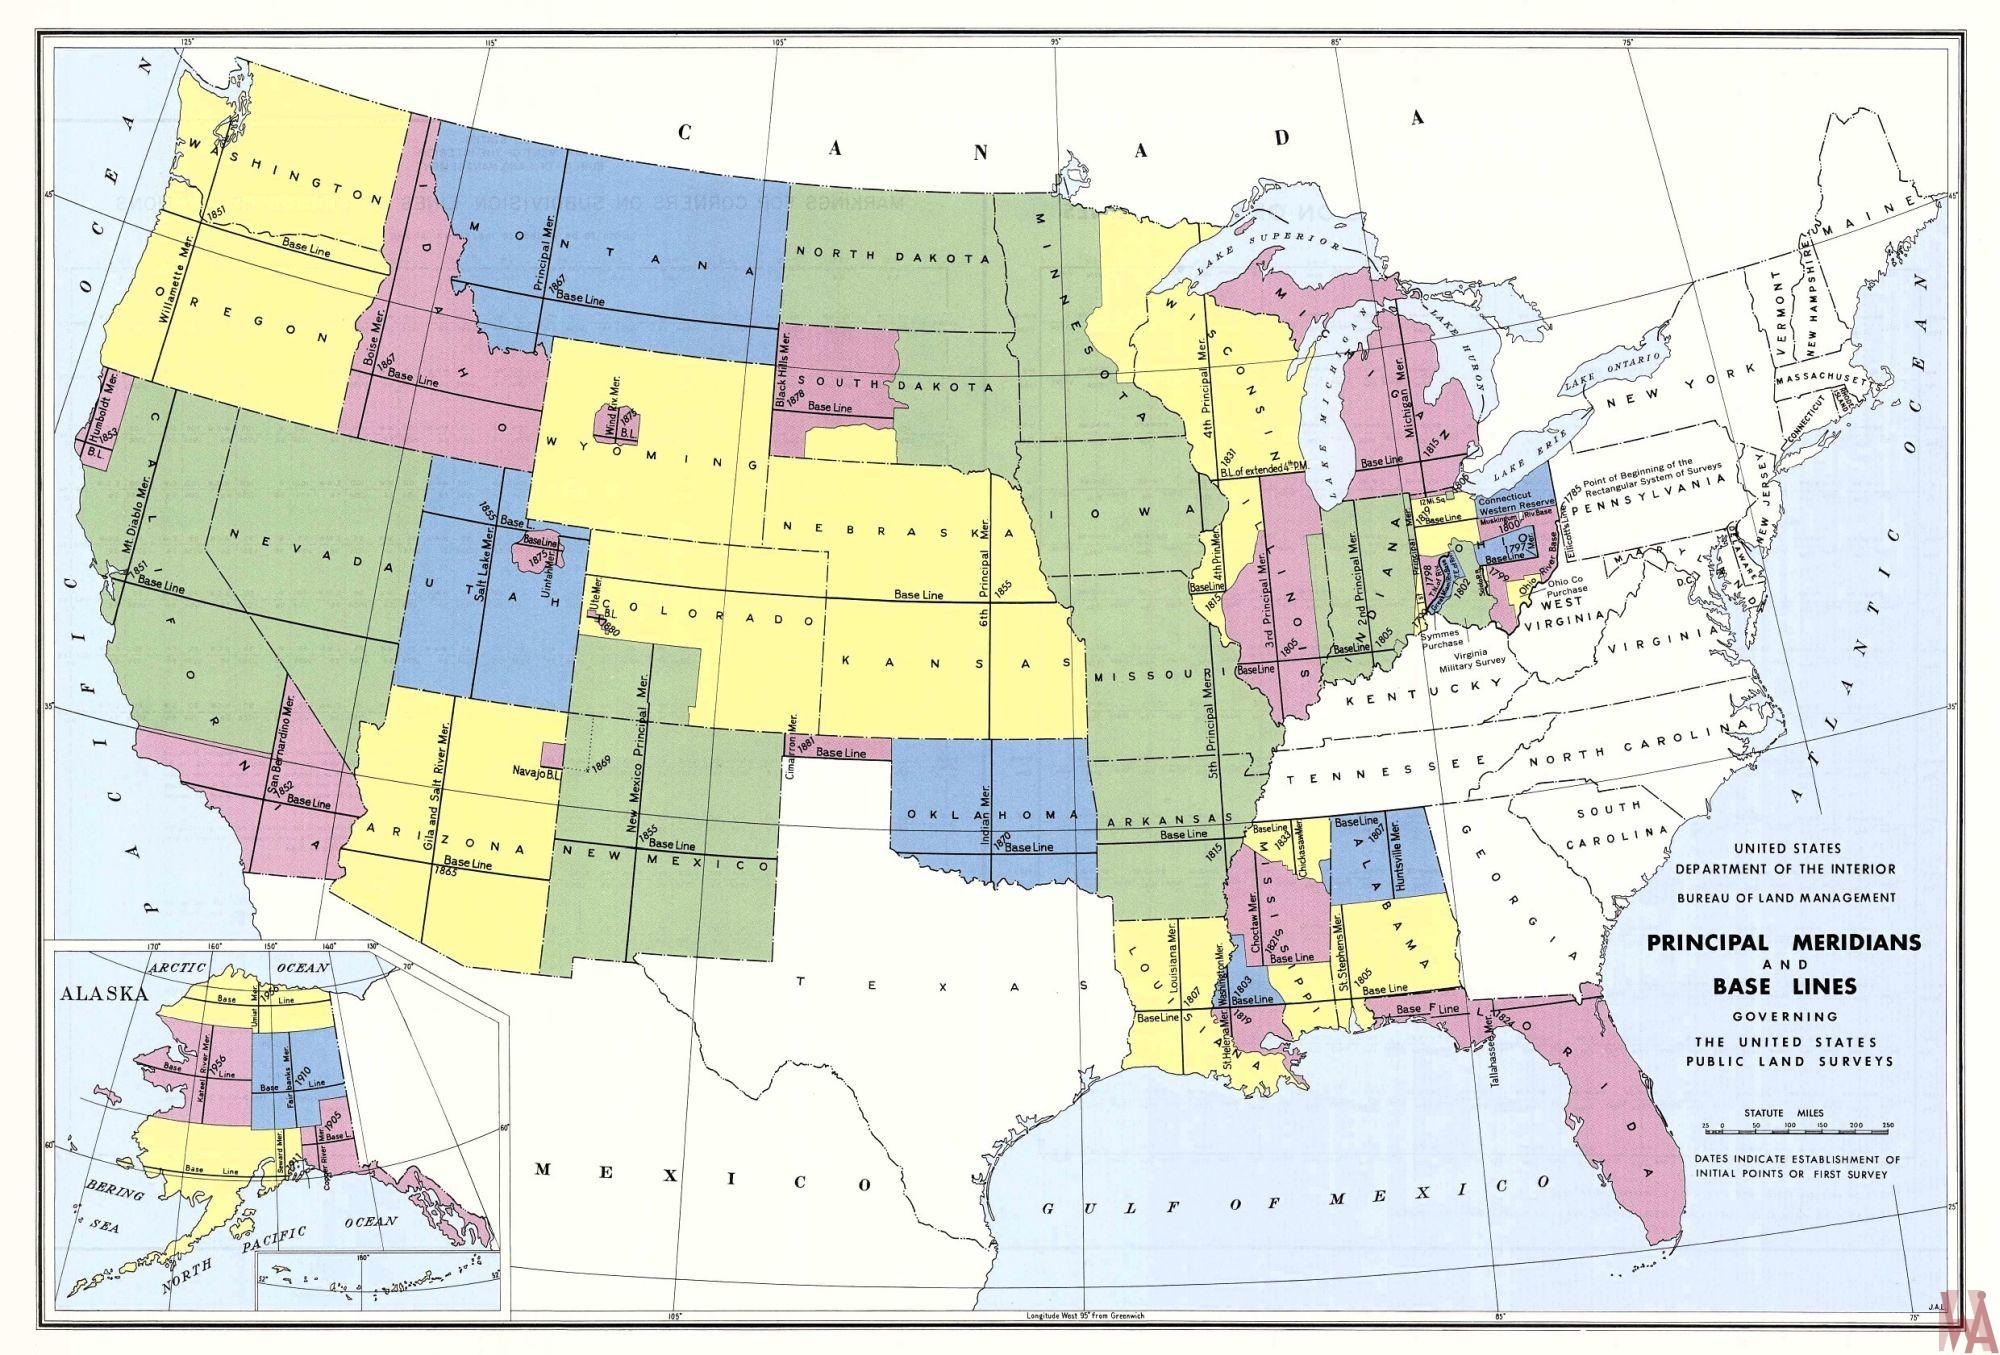 Us Public Land Servery Map Whatsanswer - Us-full-map